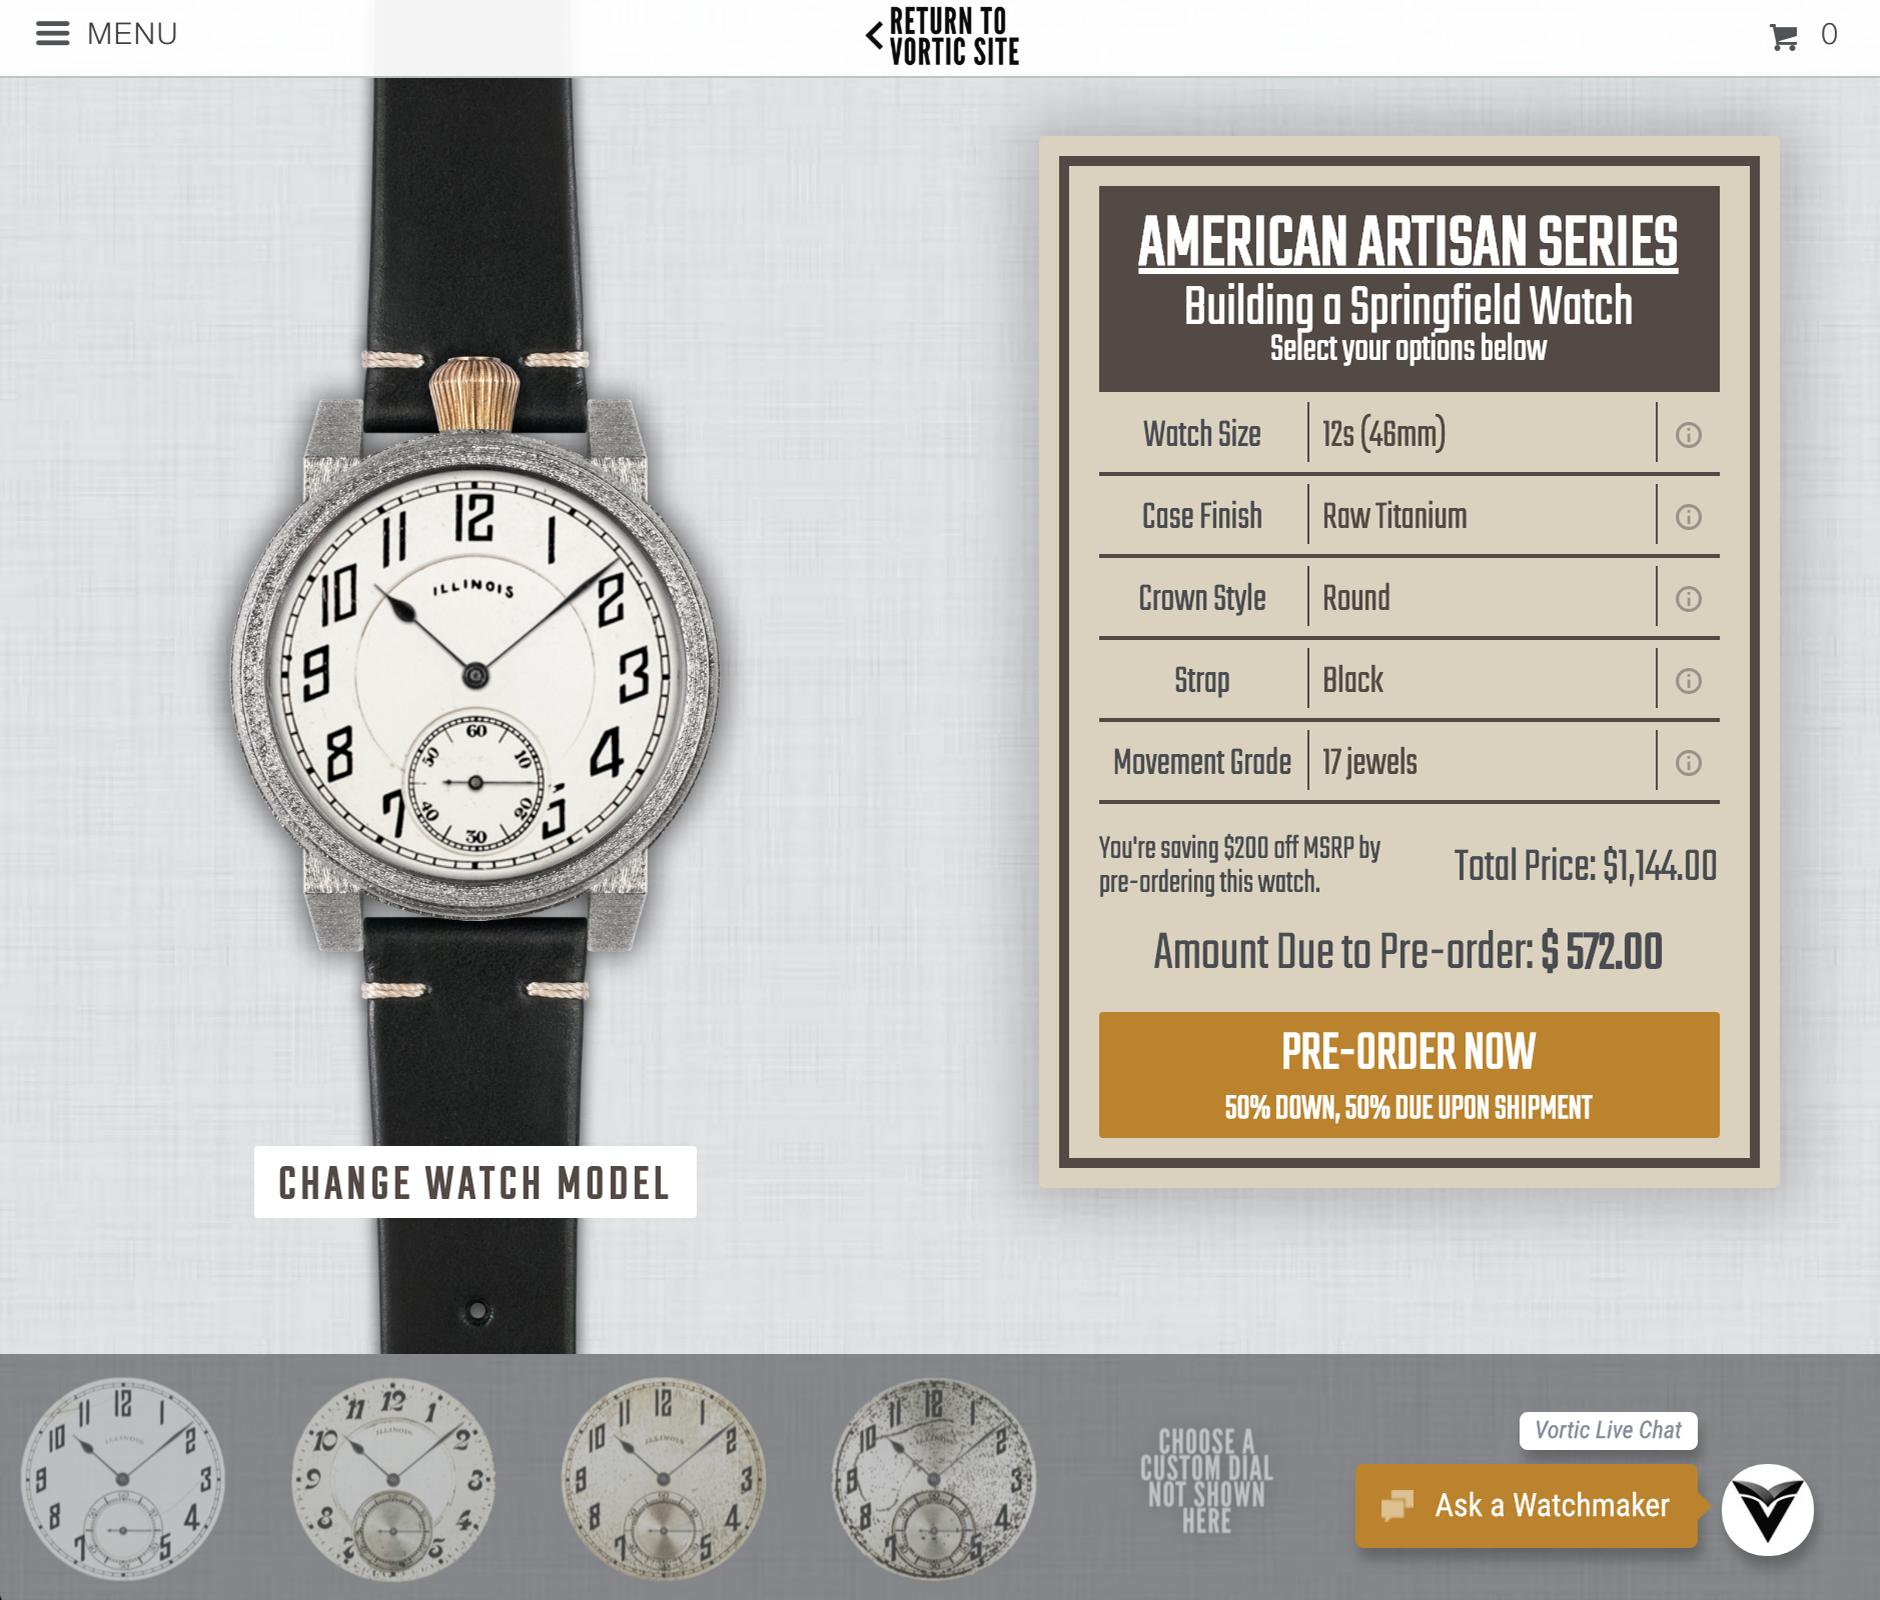 Vortic Watch Builder American Artisan Series.png